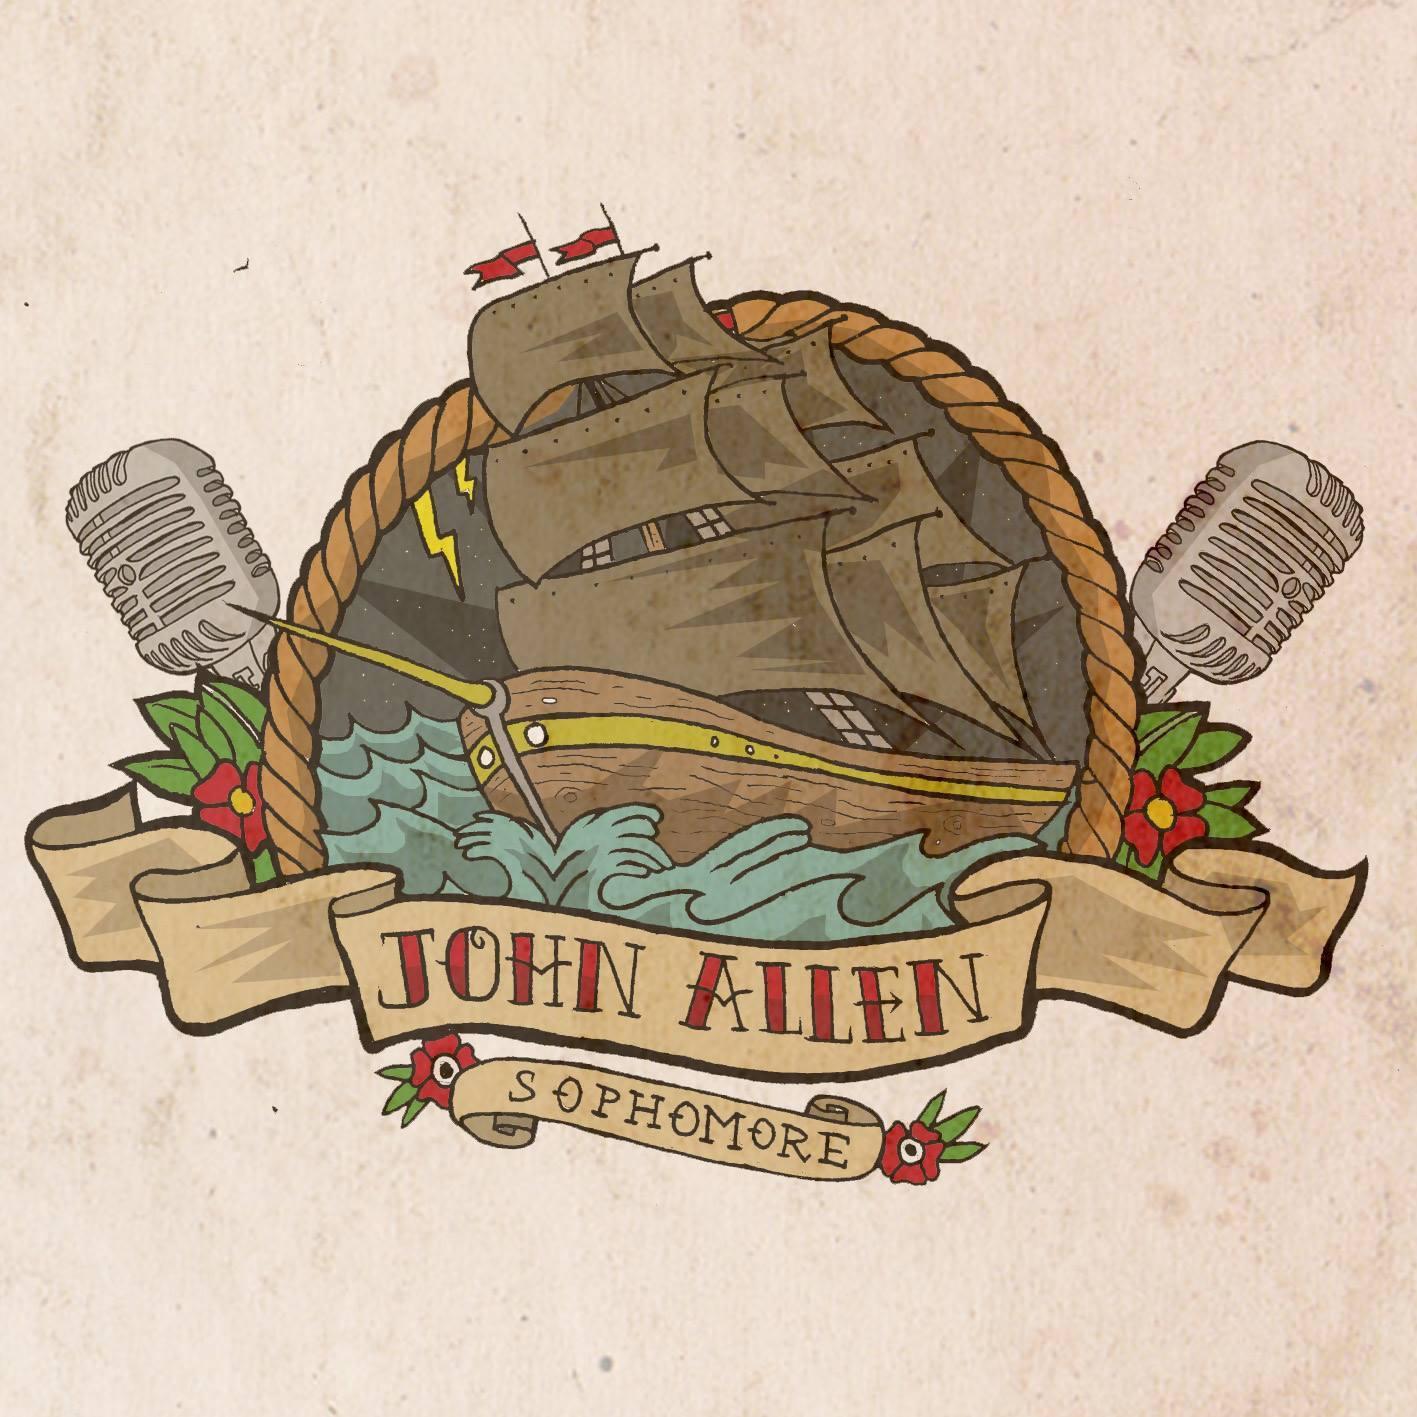 John Allen - Sophomore